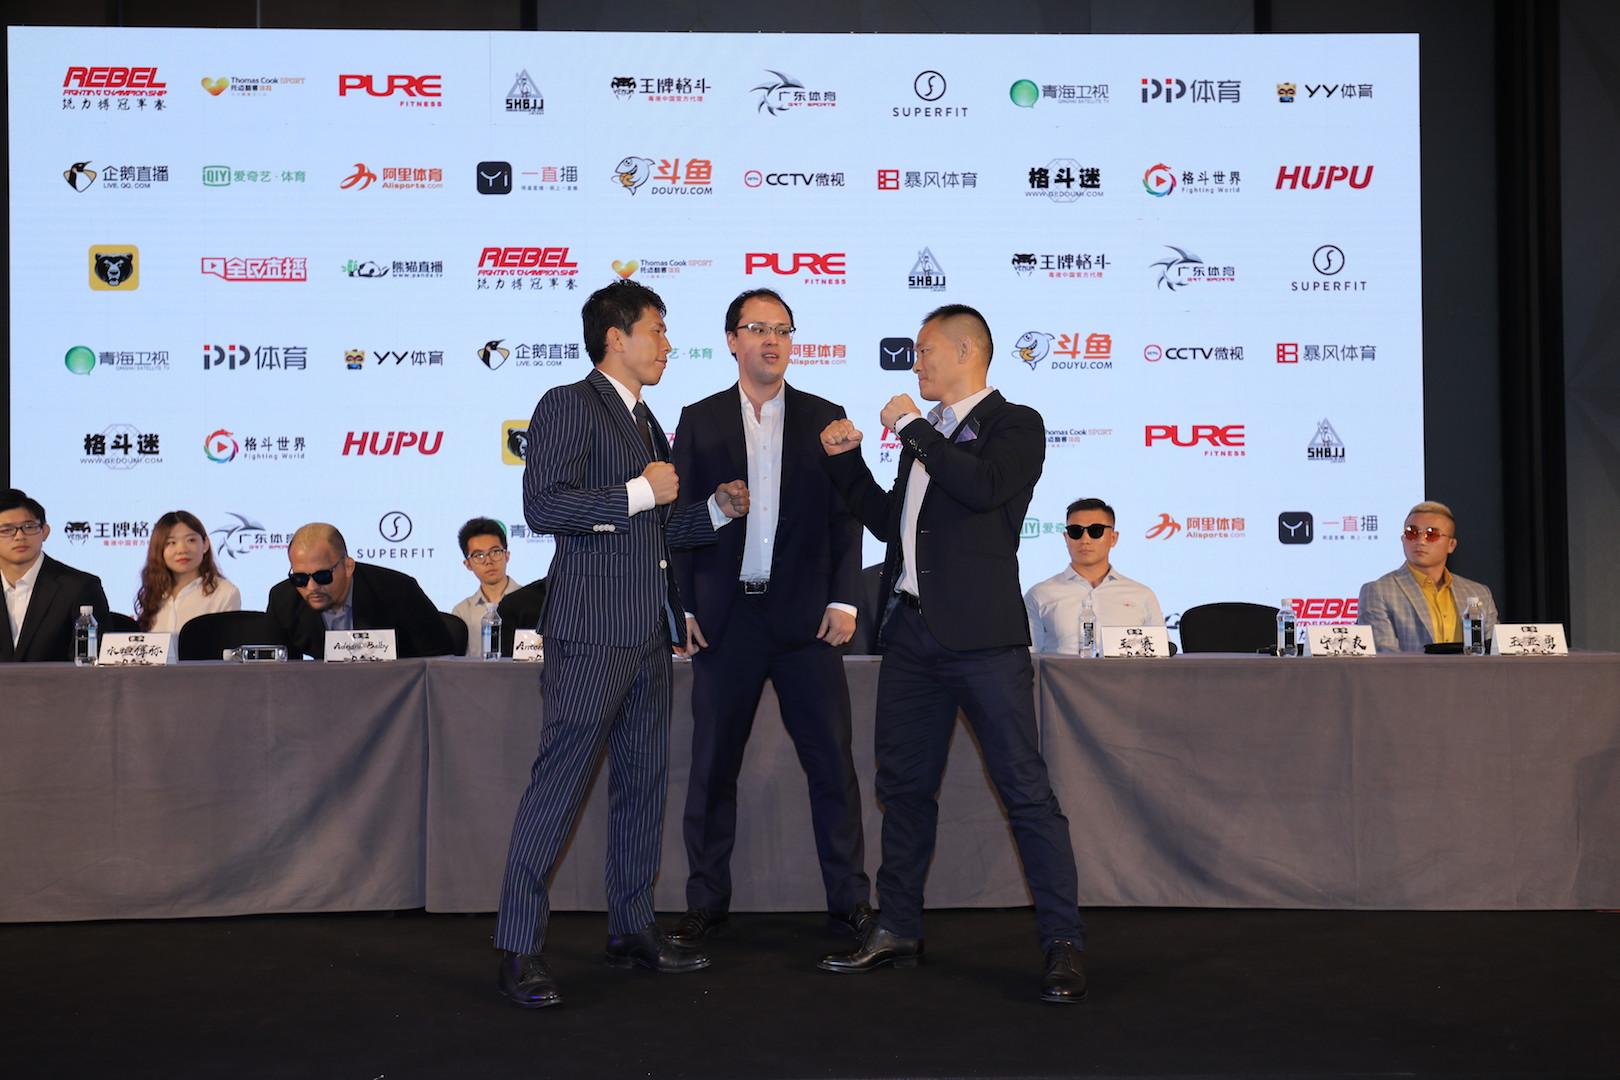 中国拳手宁广友与日本拳手水垣偉弥对峙